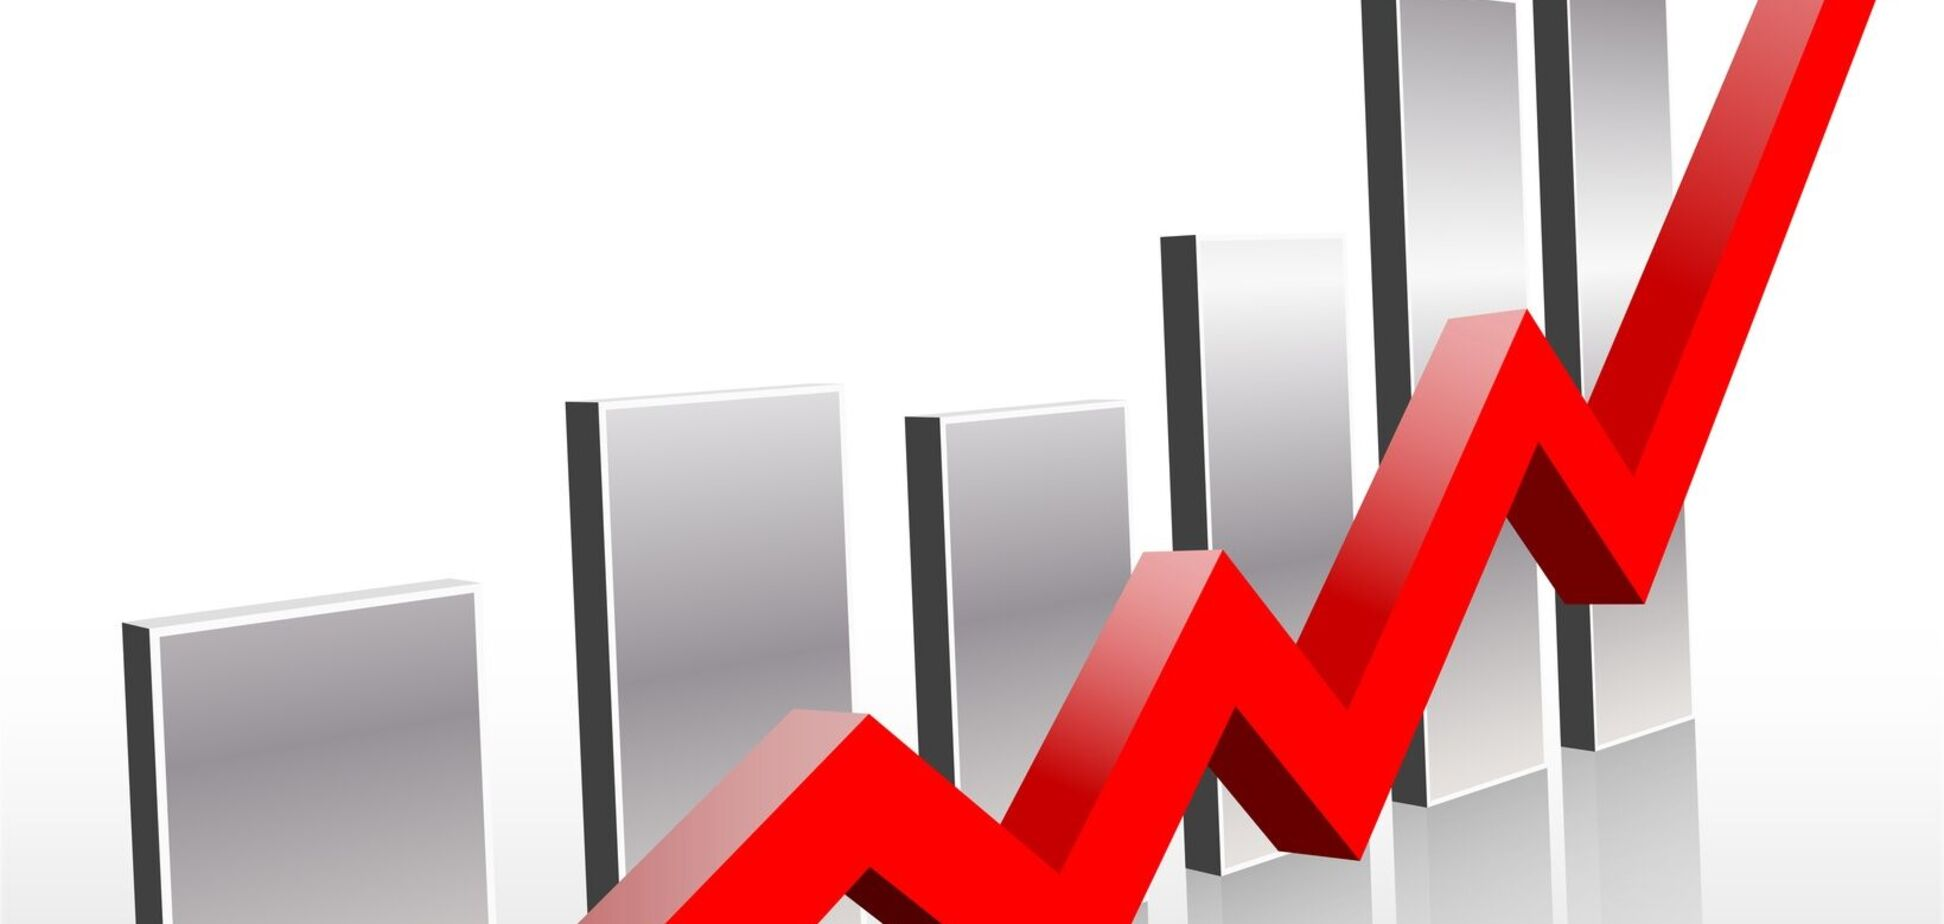 Соцопитування показало зростання рейтингу партії ОПЗЖ і Юрія Бойка